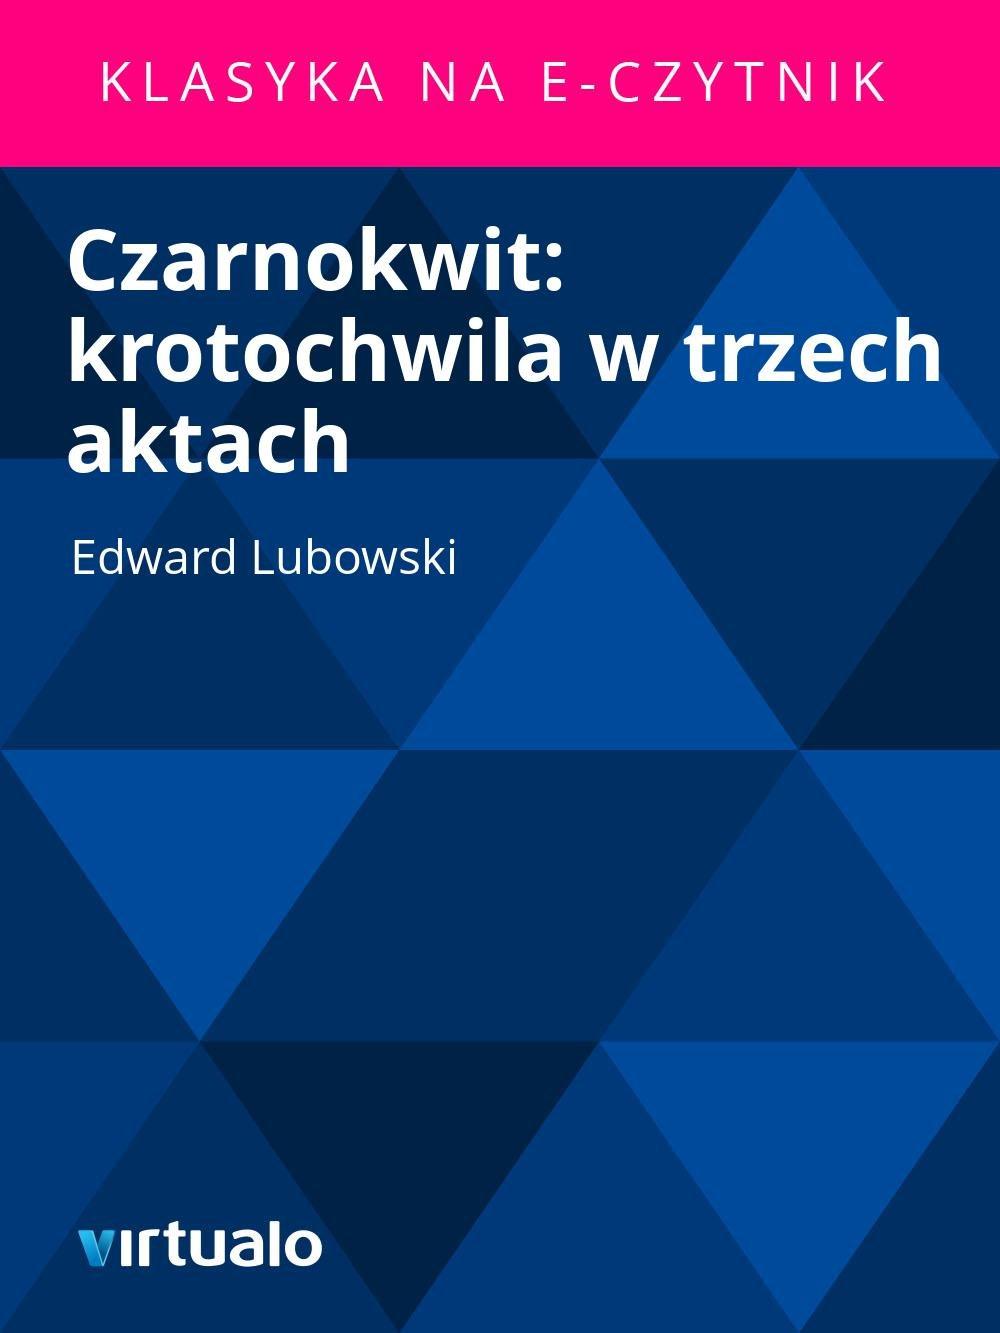 Czarnokwit: krotochwila w trzech aktach - Ebook (Książka EPUB) do pobrania w formacie EPUB